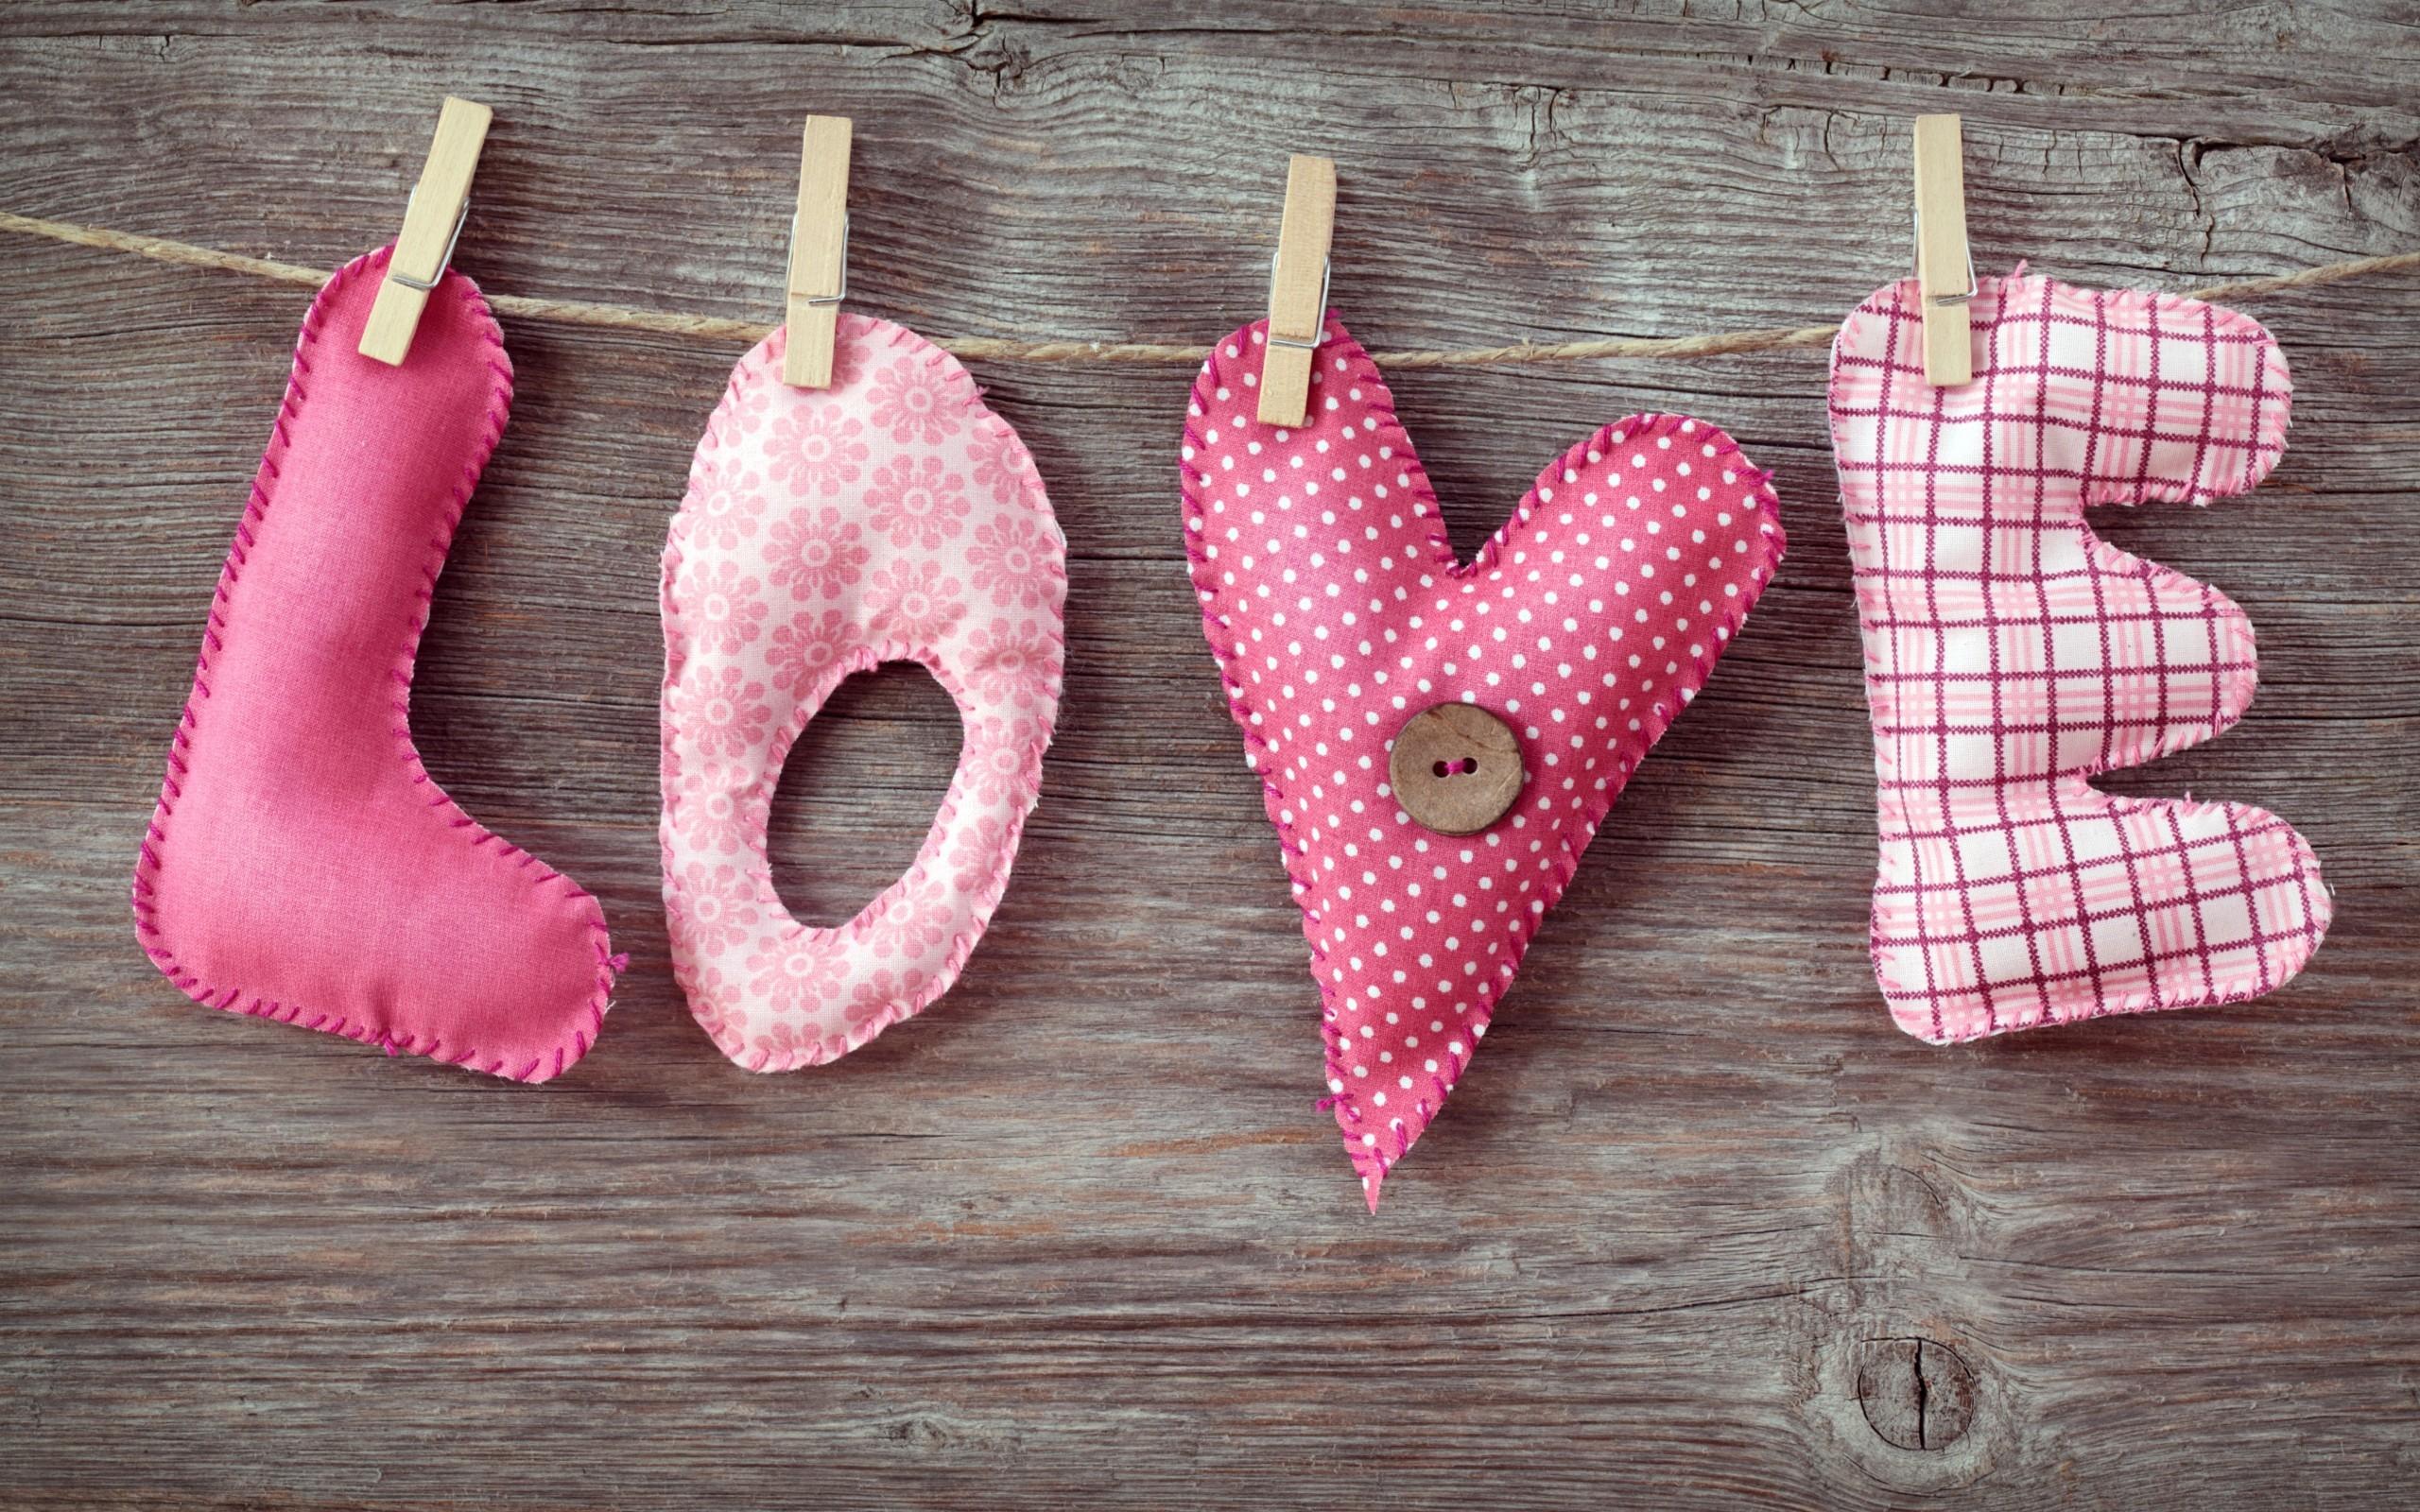 valentines day desktop wallpaper (65+ images)